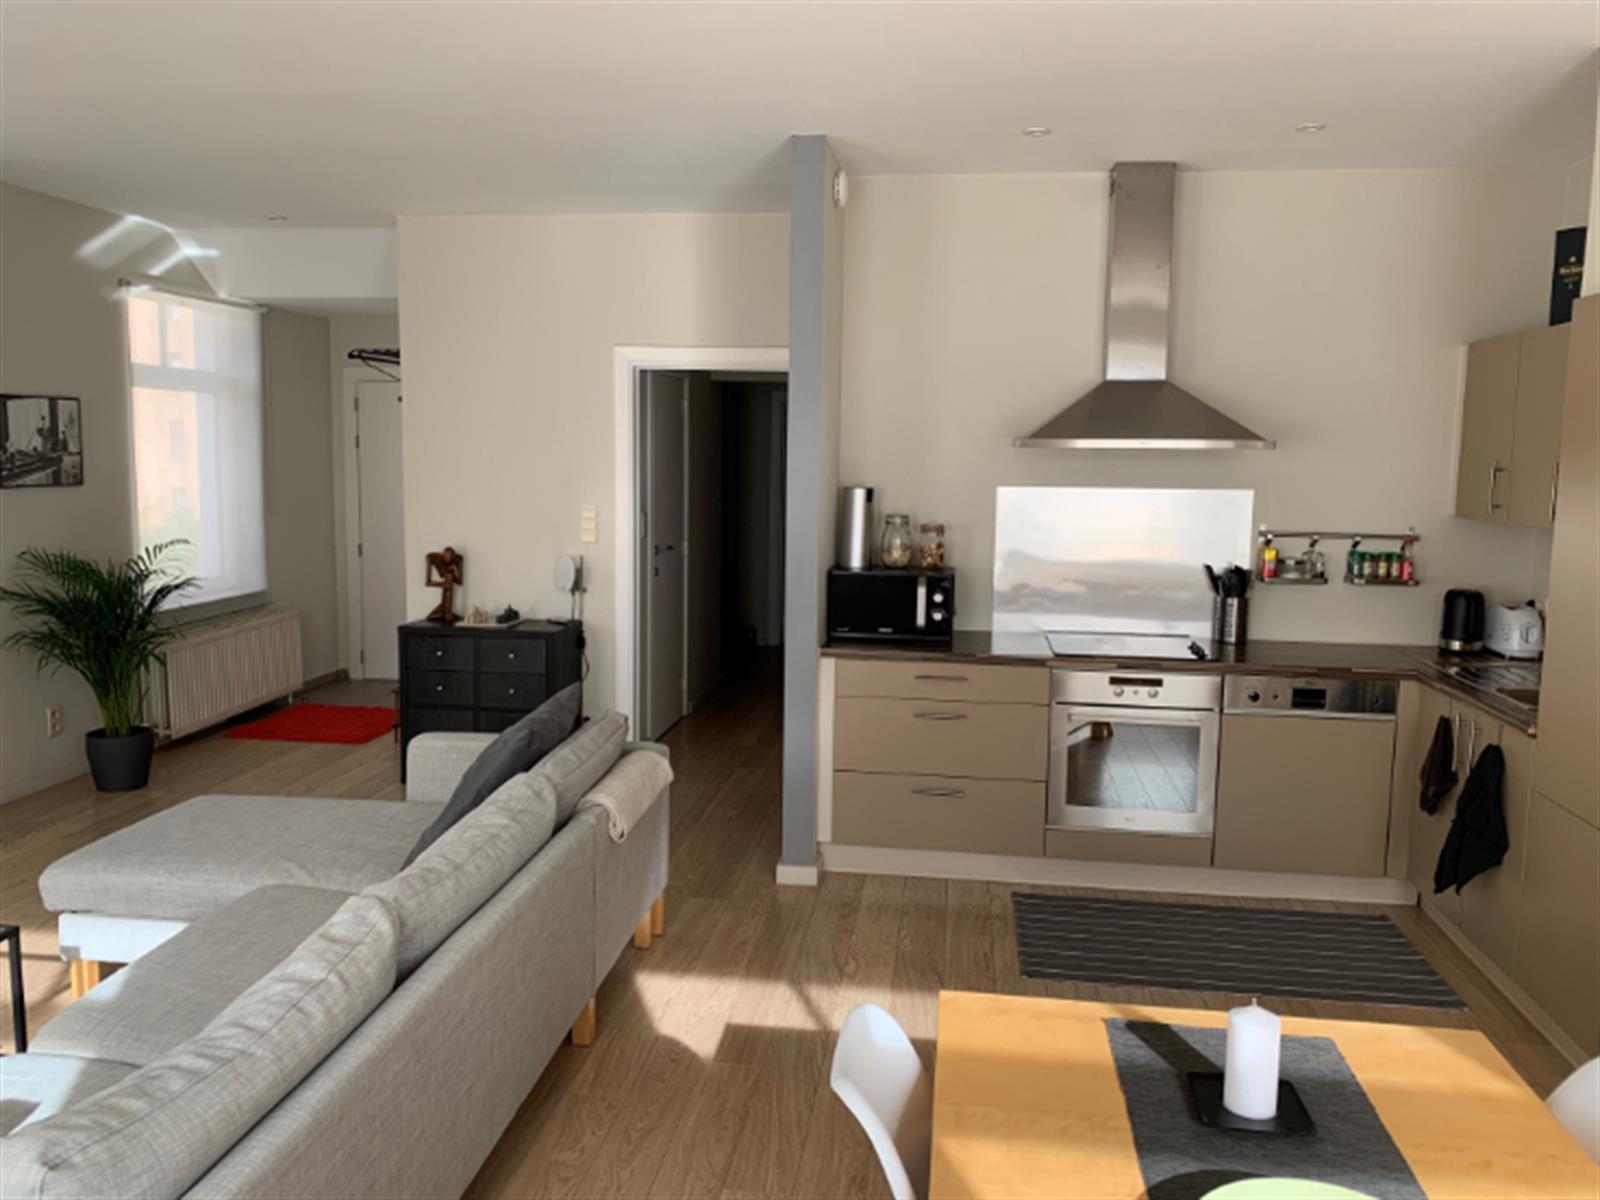 Appartement - Etterbeek - #4430645-6